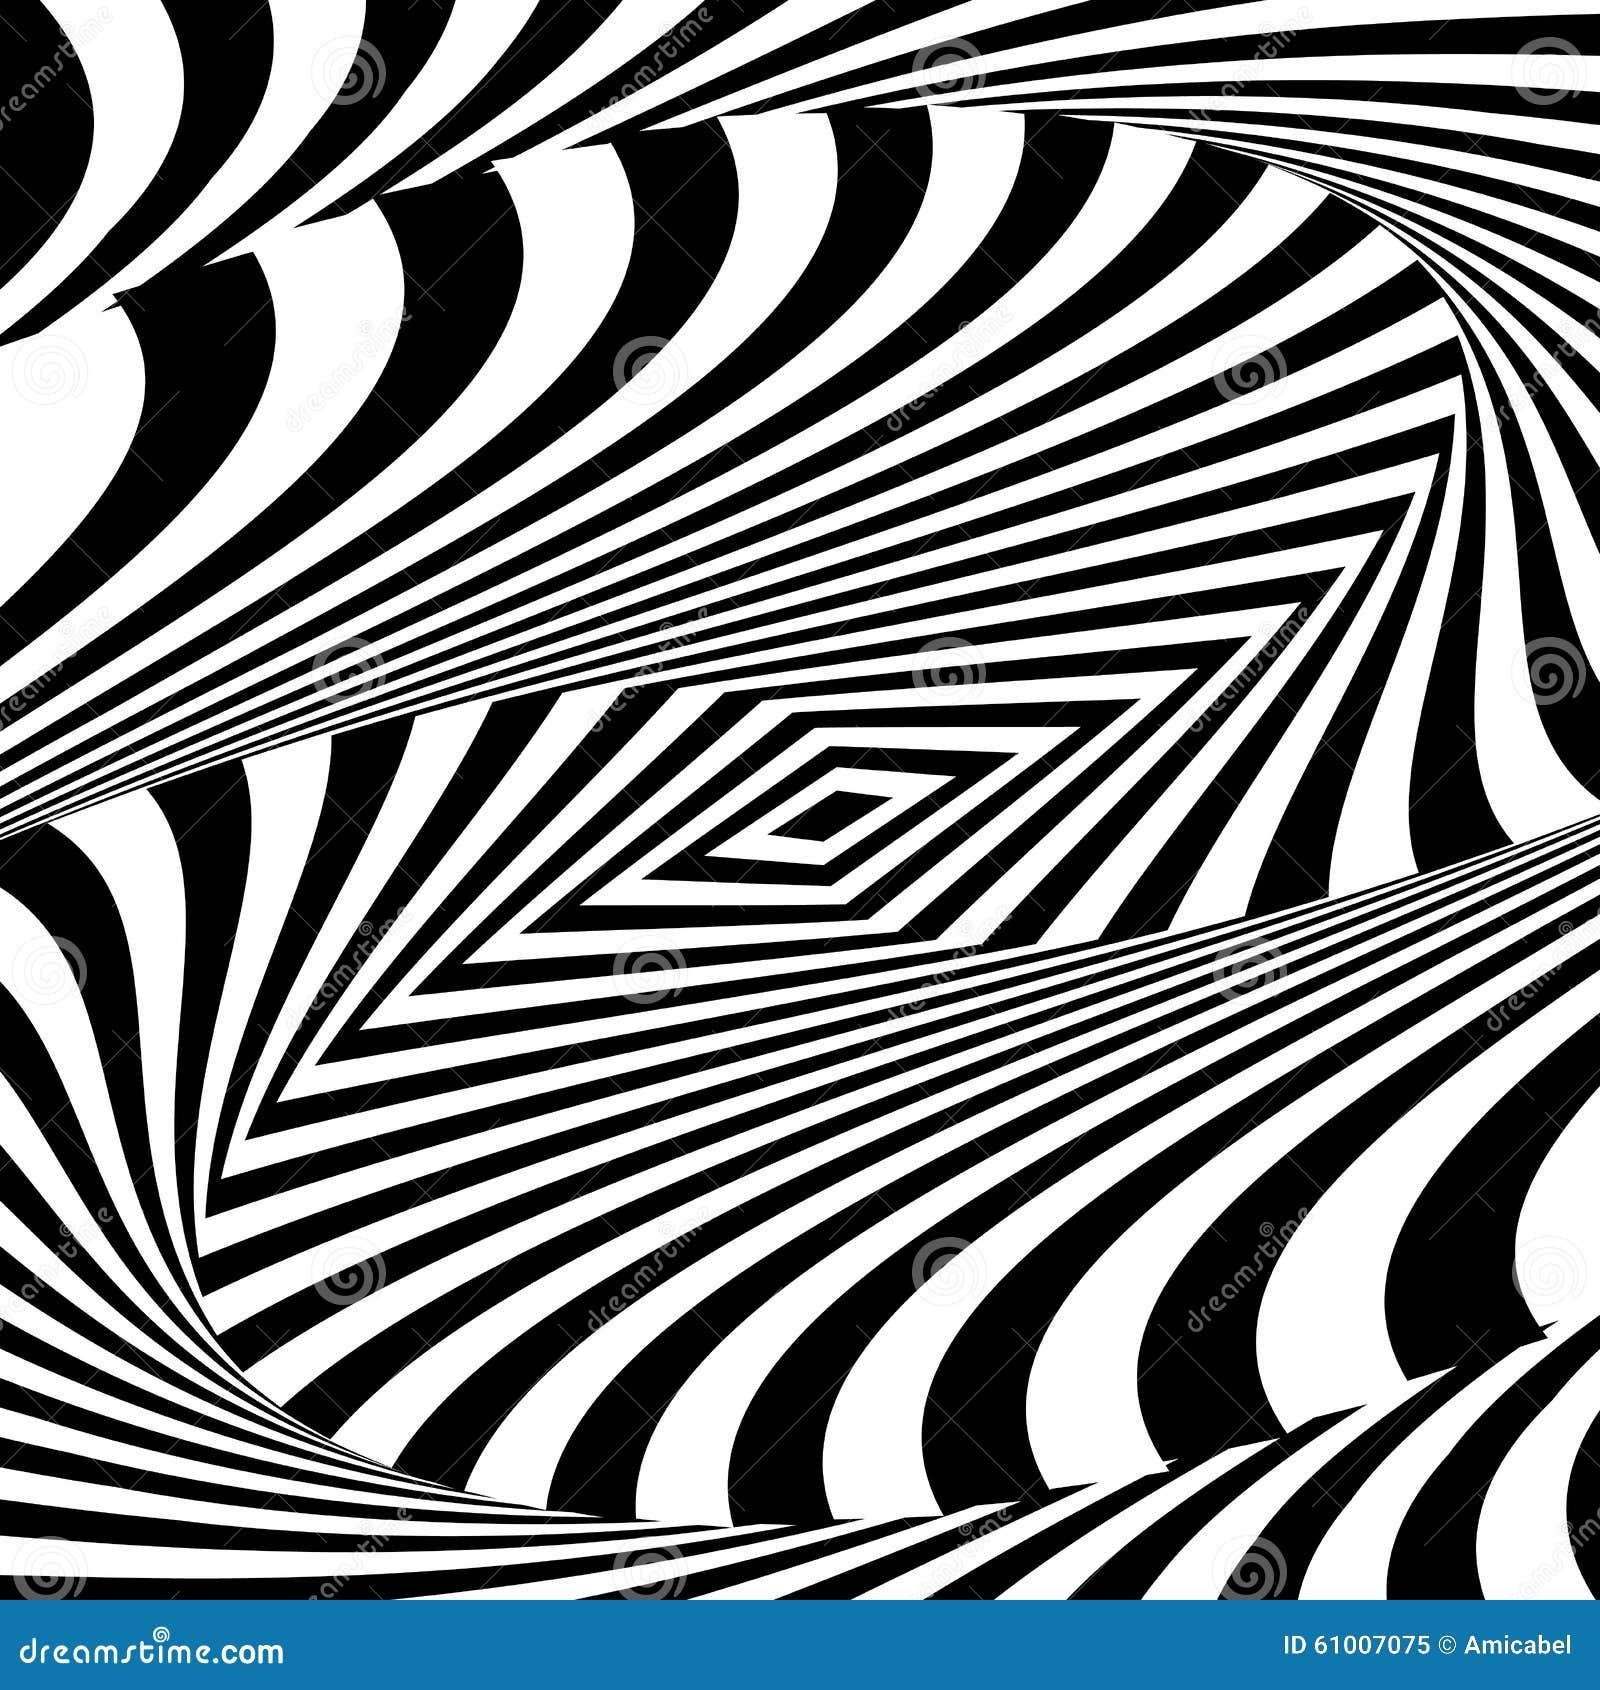 Design Monochrome Movement Illusion Background Stock